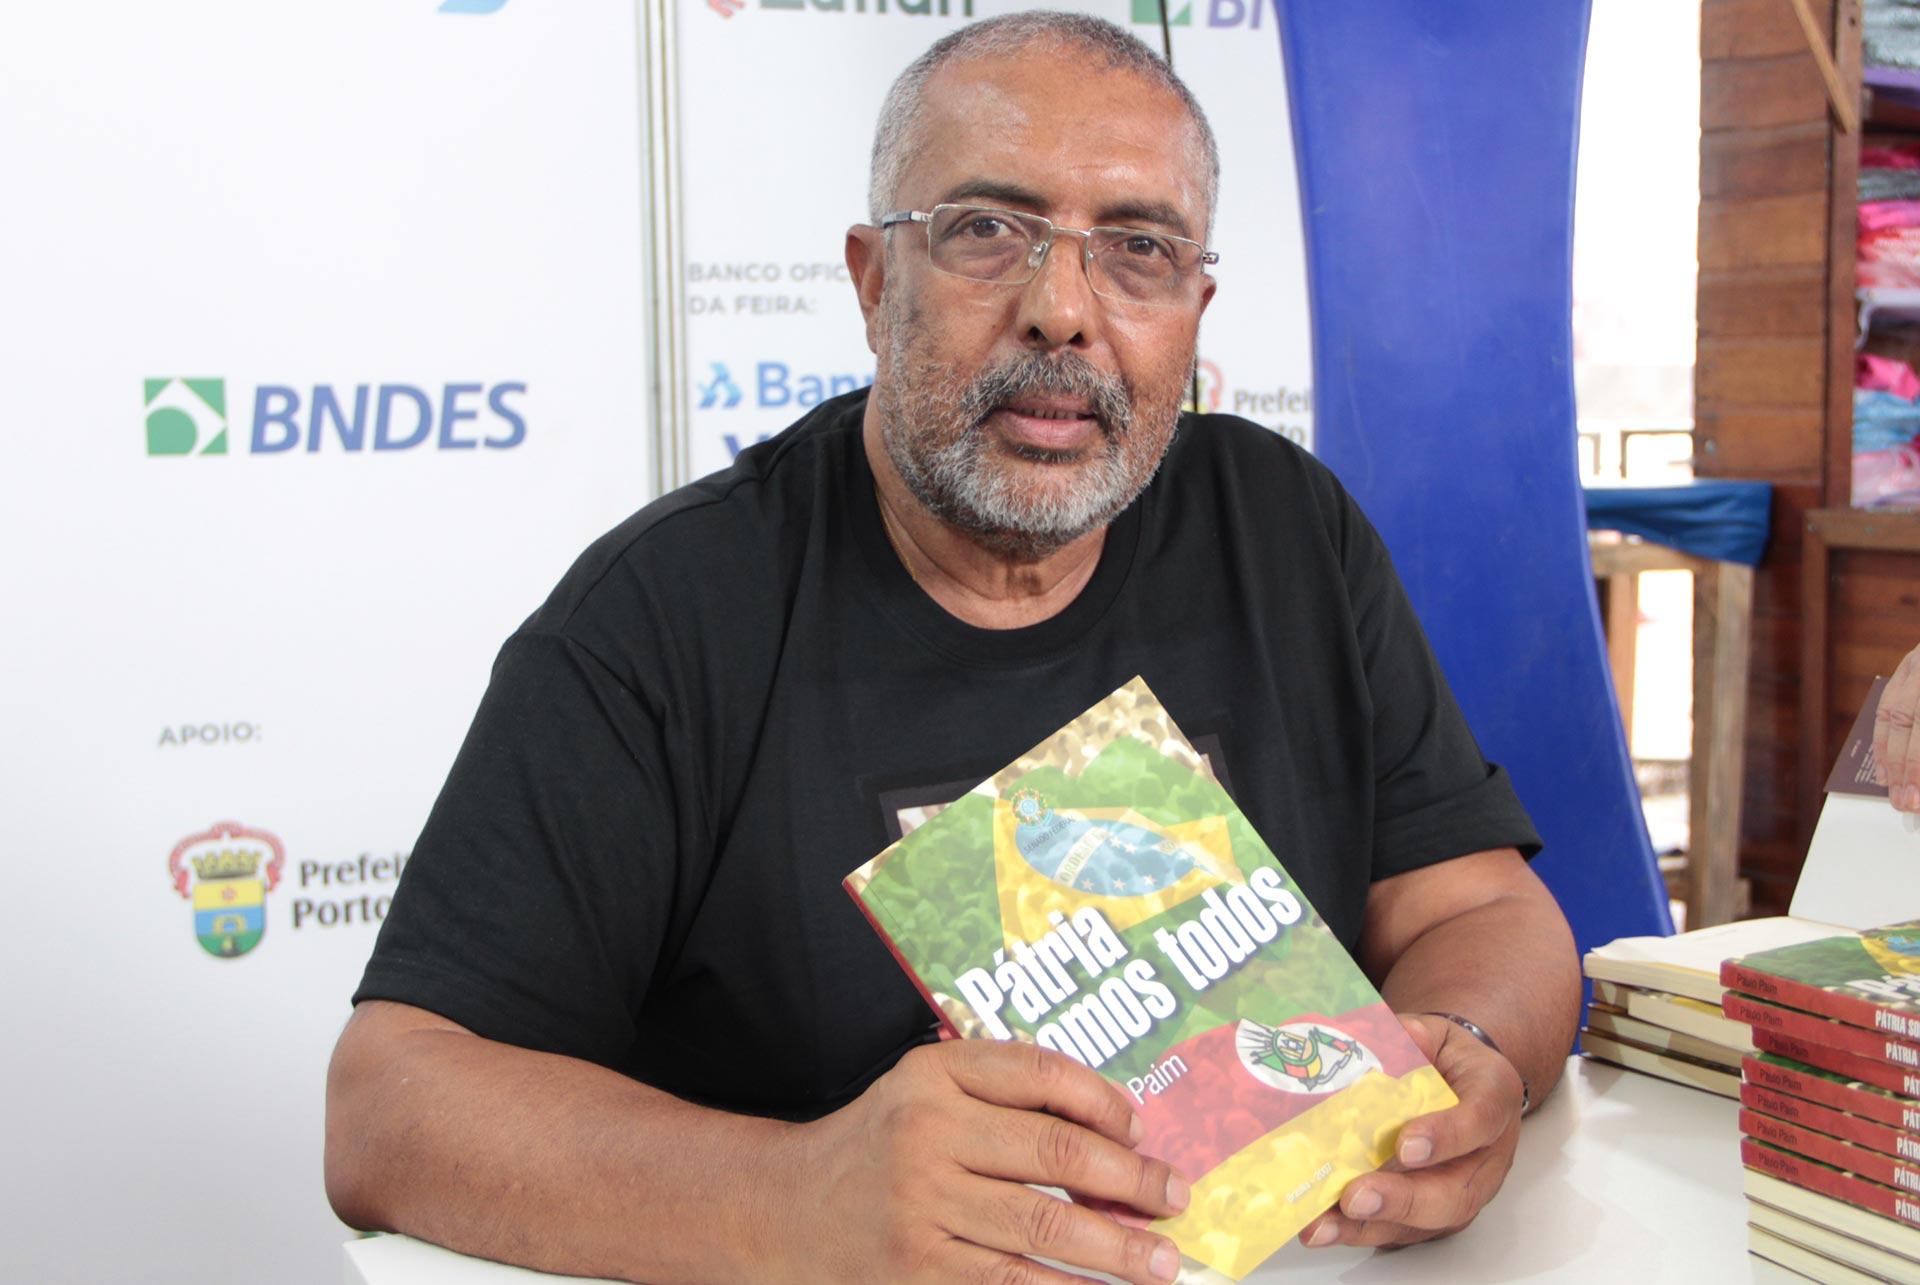 Porto Alegre, RS – O Senador Paulo Paim, esteve presente no evento e autografou a sua obra